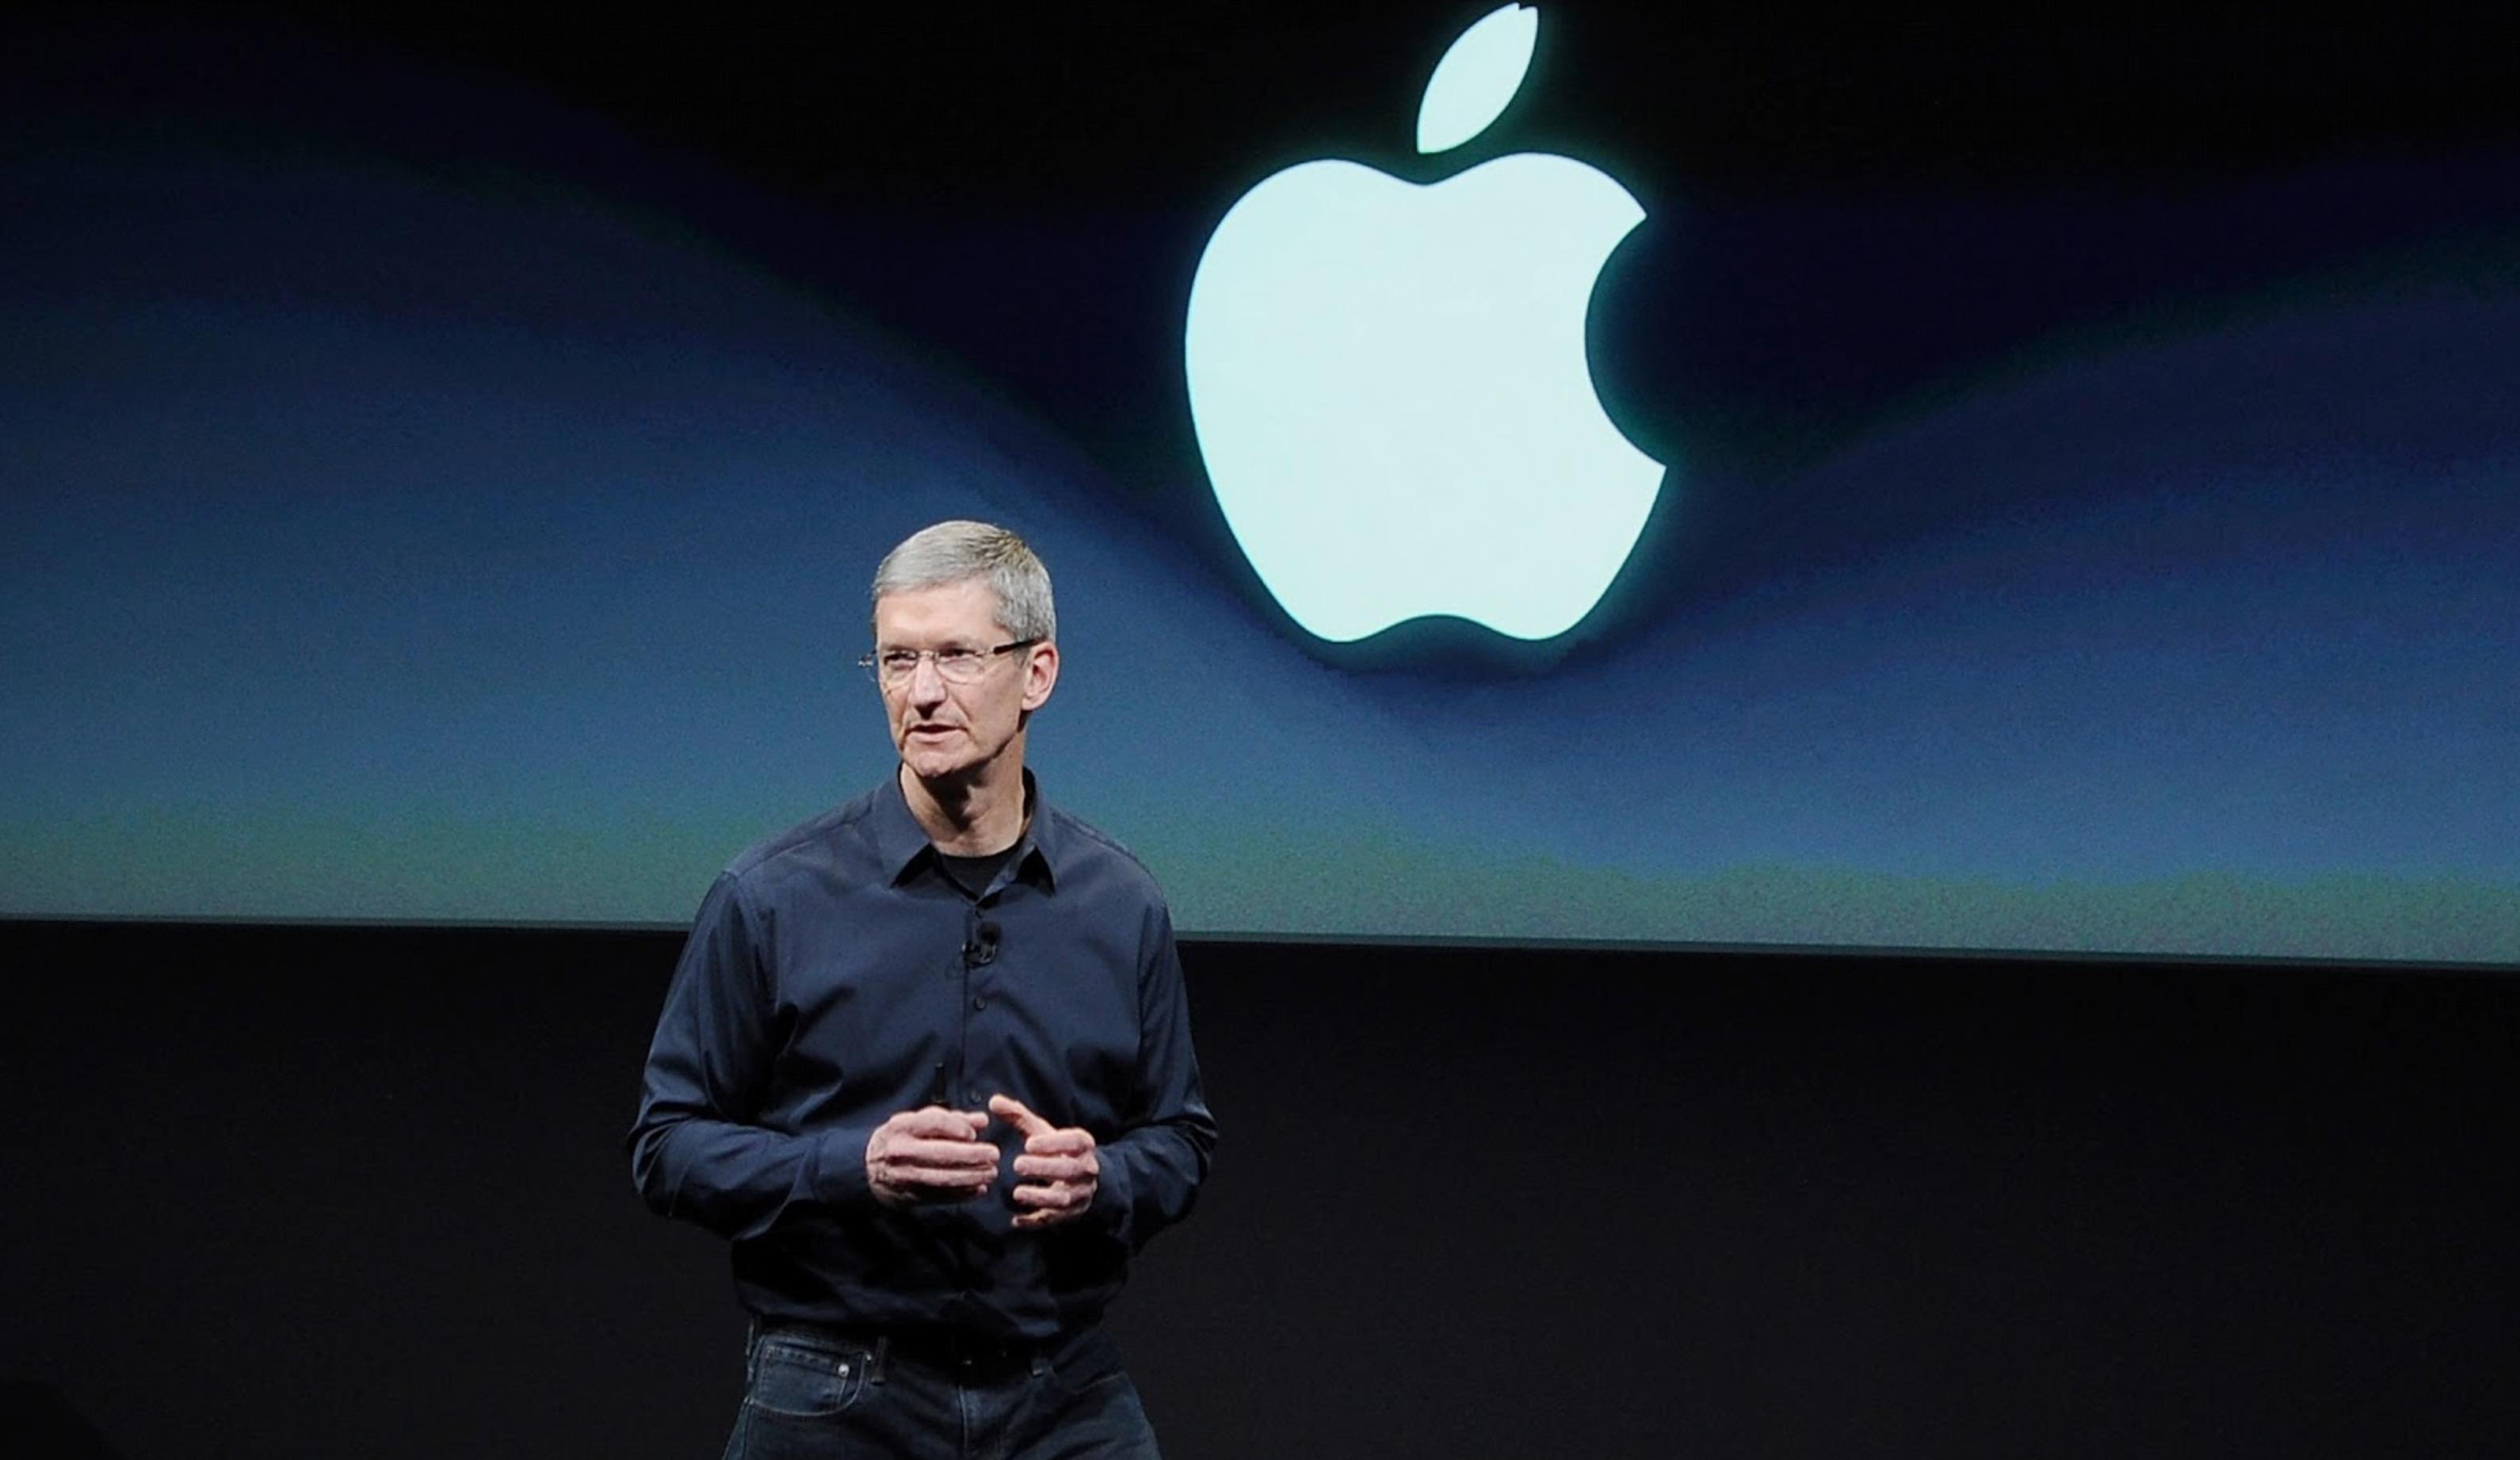 Evento Apple 27 ottobre: MacBook Pro 2016 sta per arrivare